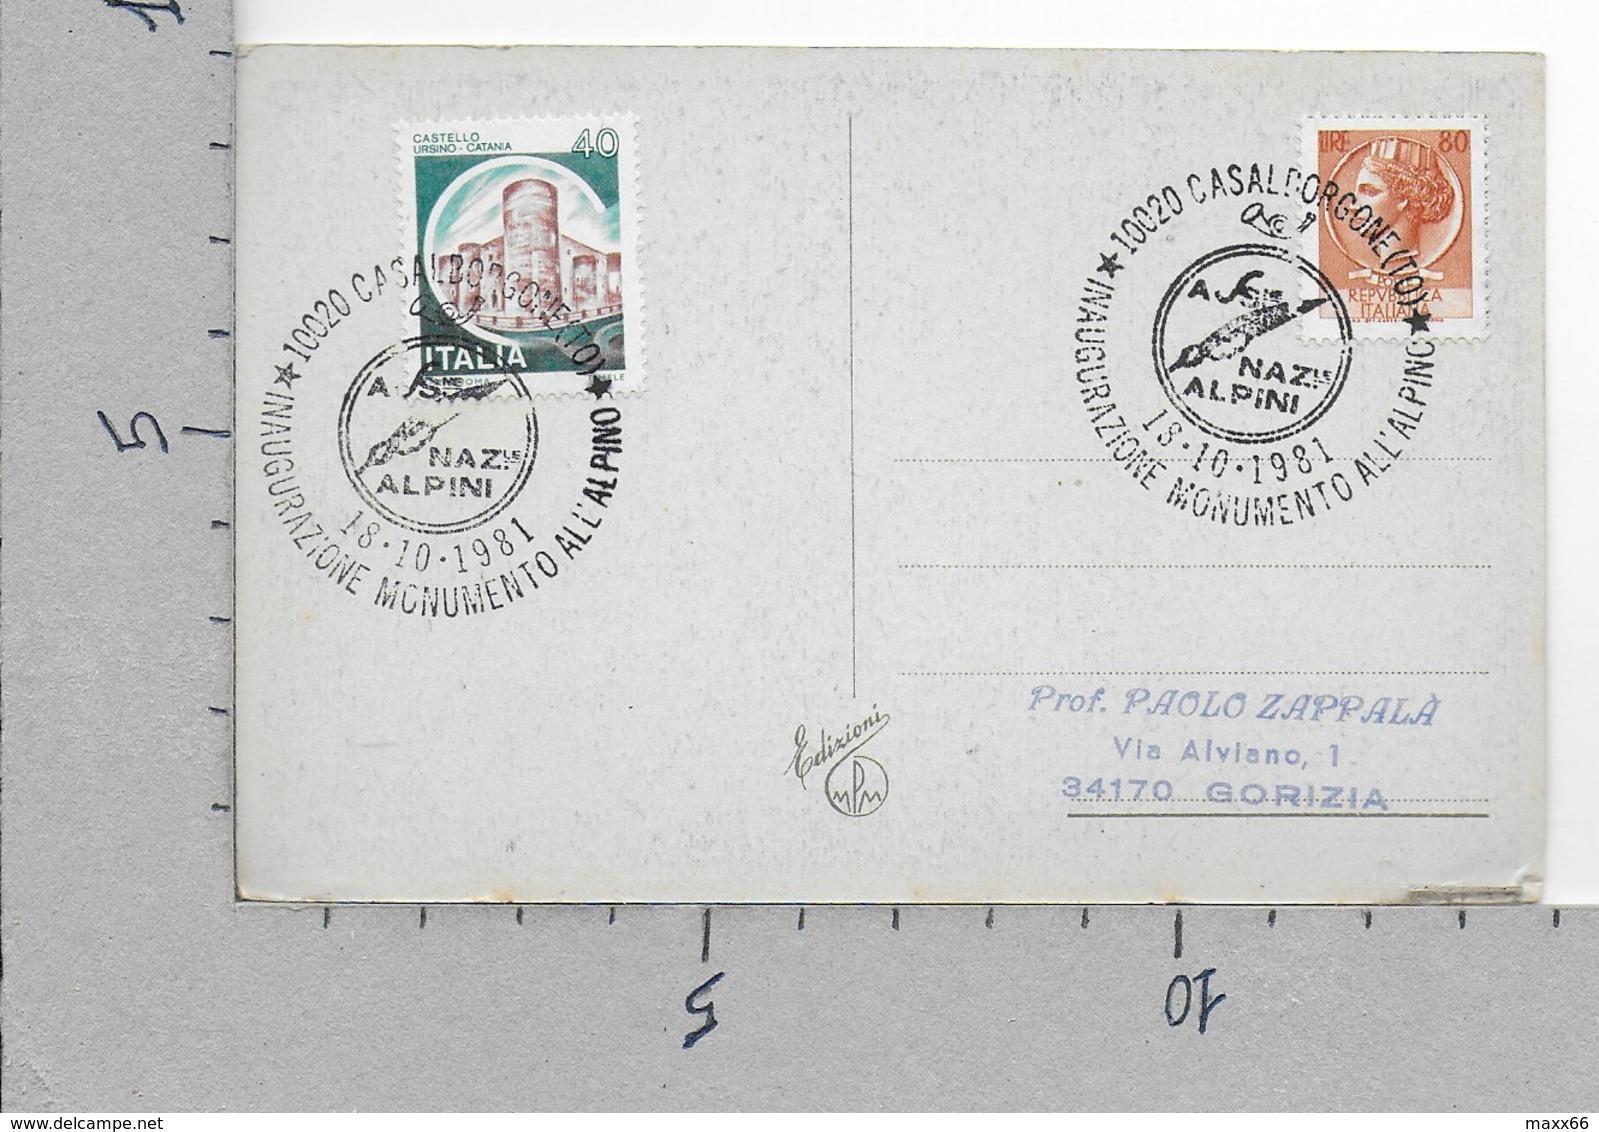 CARTOLINA VG ITALIA - BUON NATALE Edizioni MPM - 9 X 14 - 1981 CASALBORGONE INAUGURAZIONE MONUMENTO ALPINO - Natale